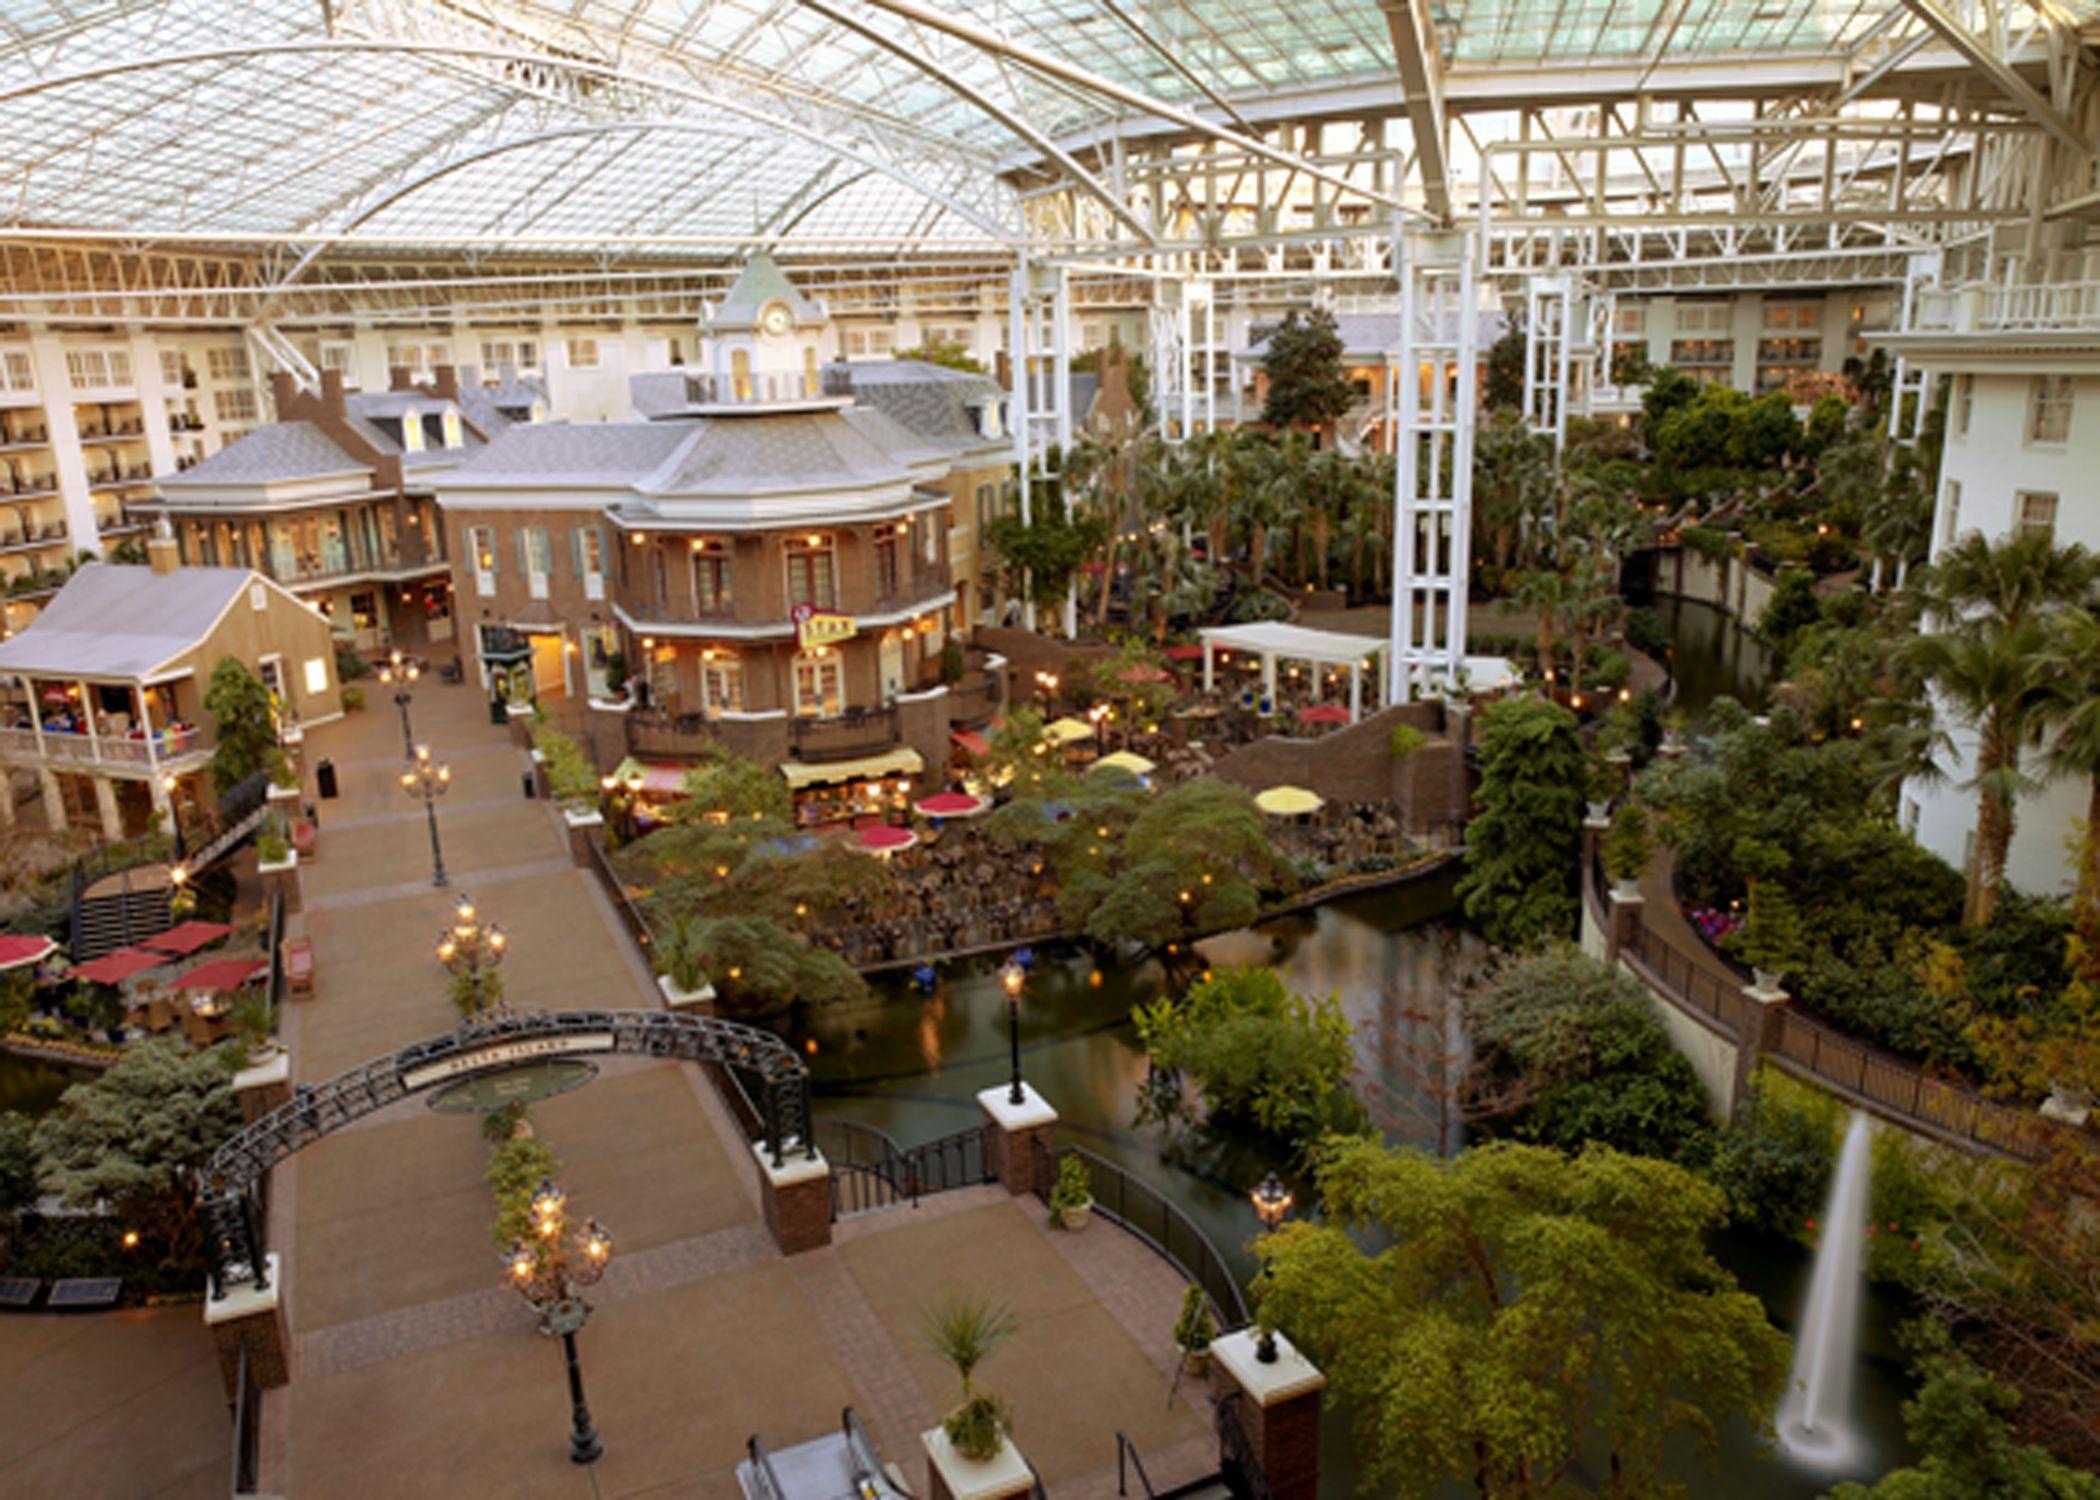 Gaylord Opryland Hotel-nashville Tennesee Indoor Atrium